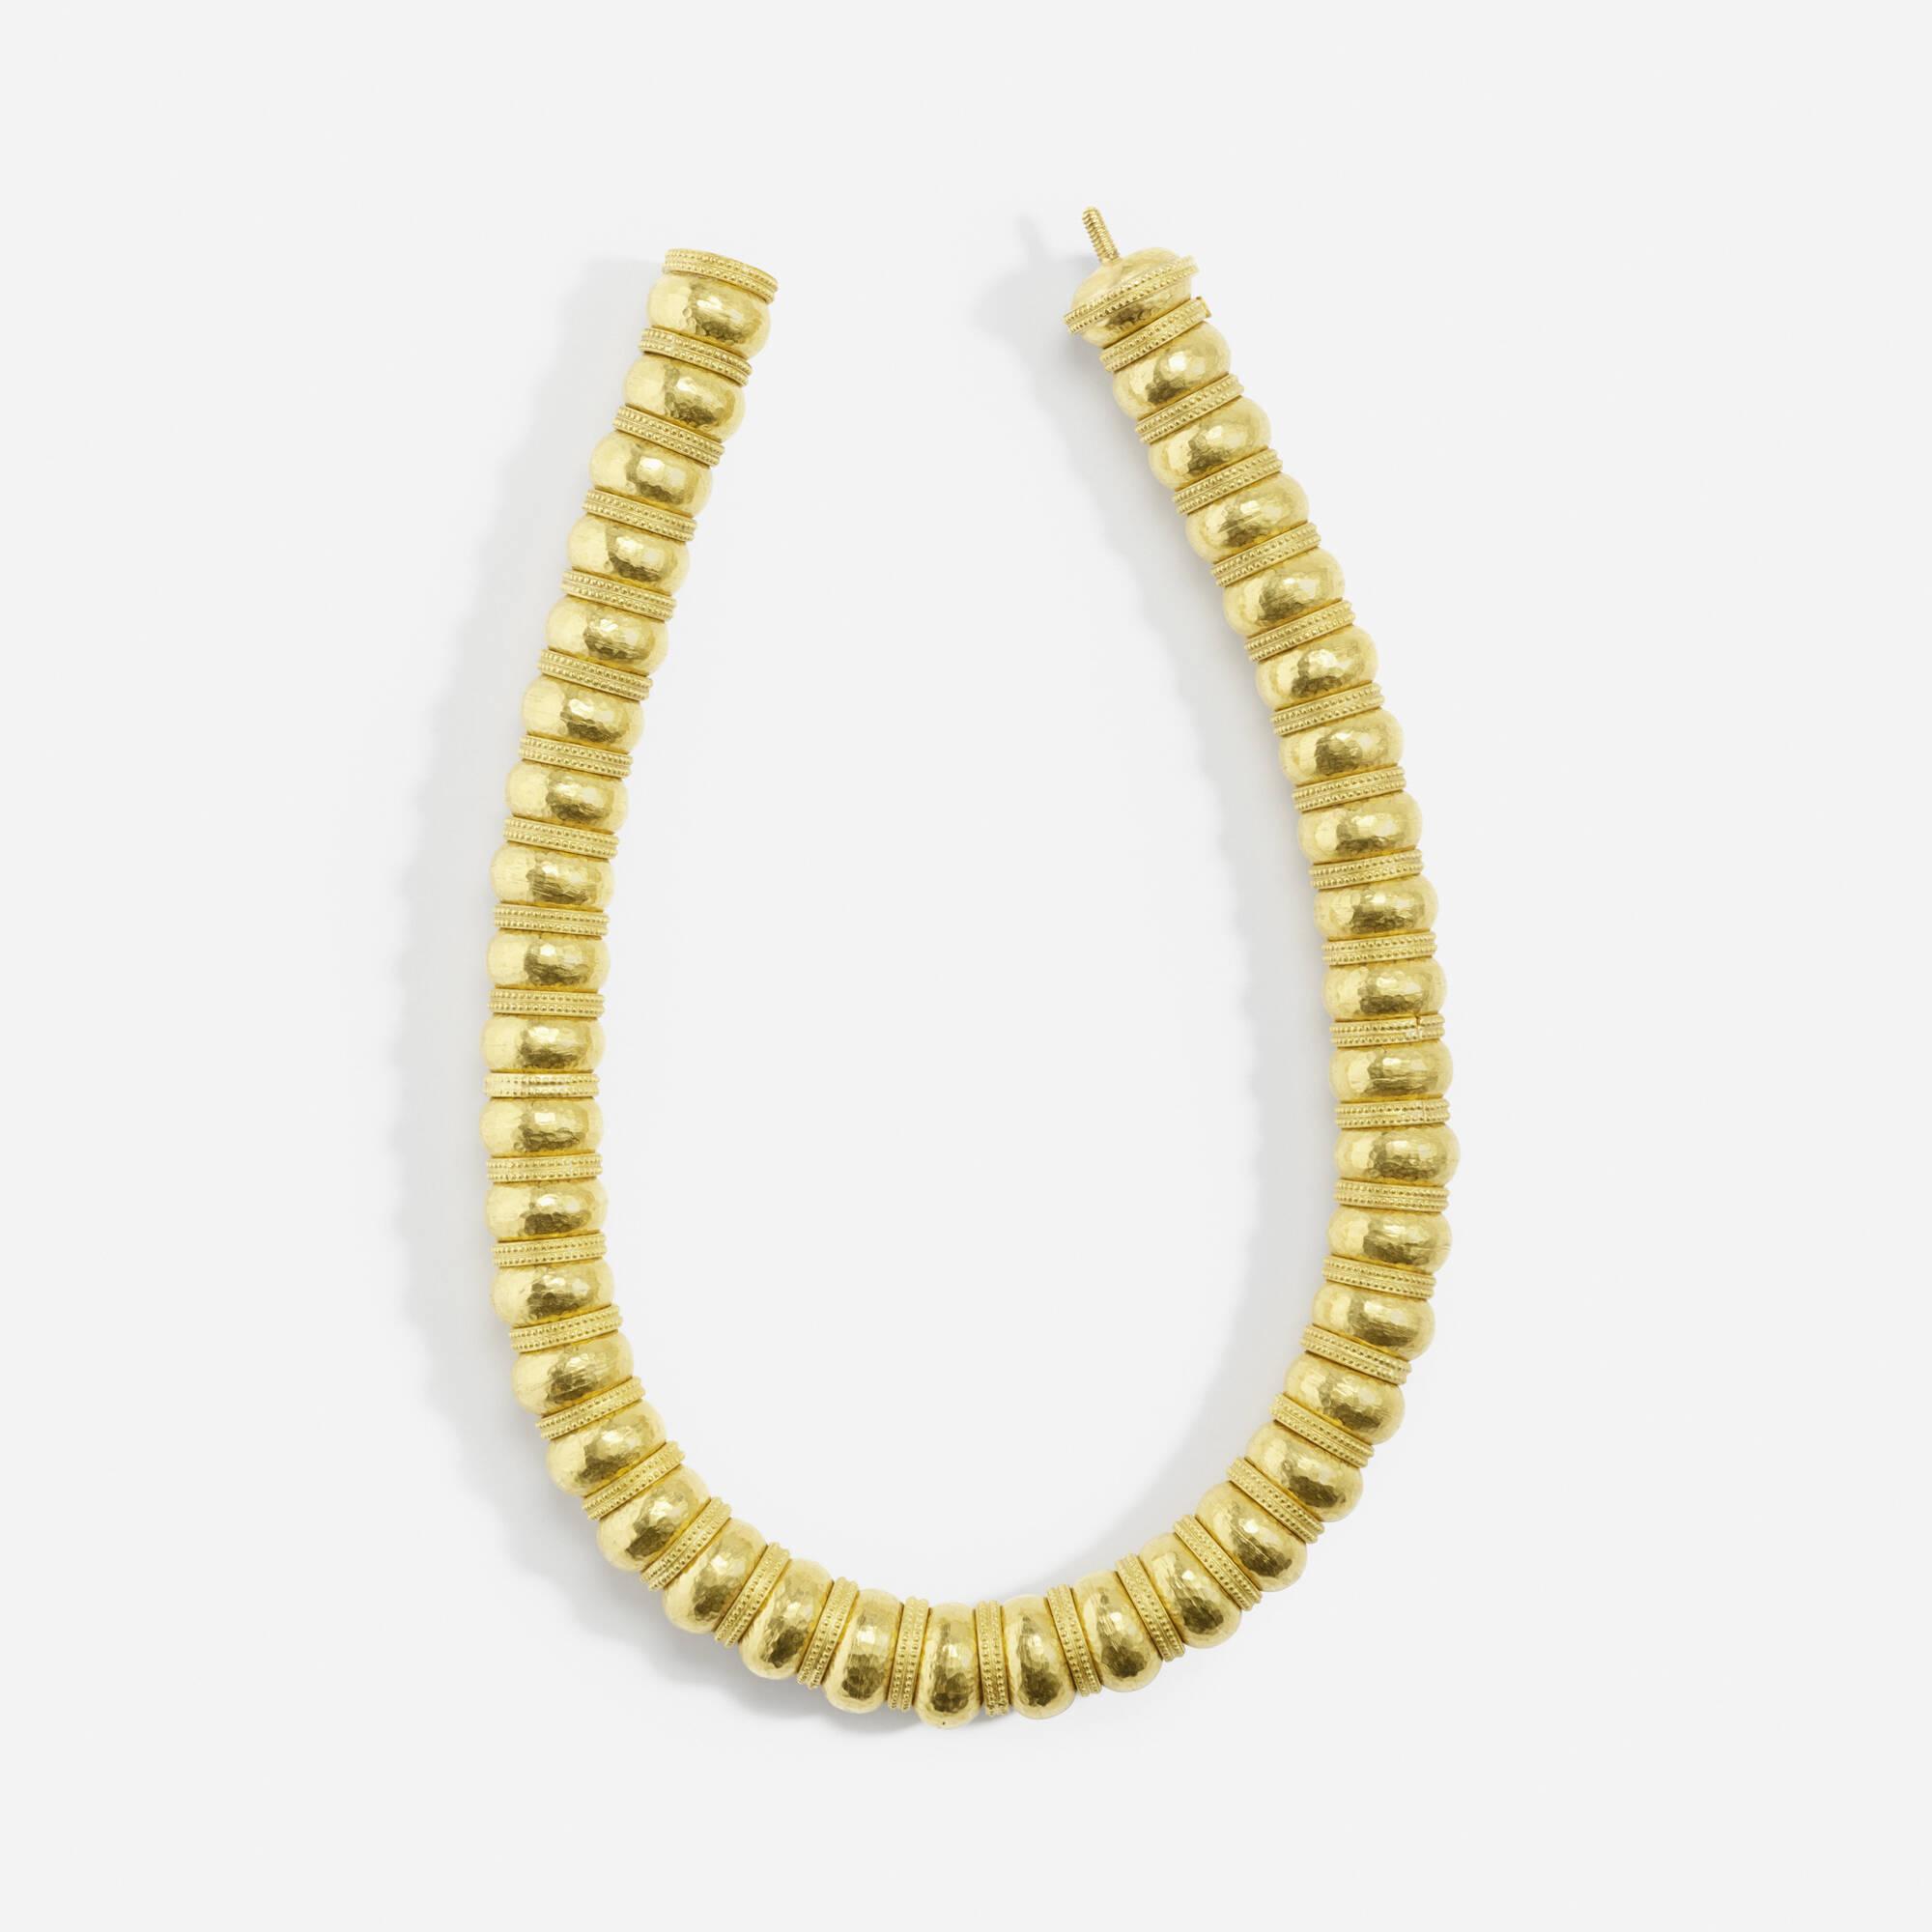 166: LALAOUNIS, A gold necklace < Jewels, 21 April 2016 < Auctions ...